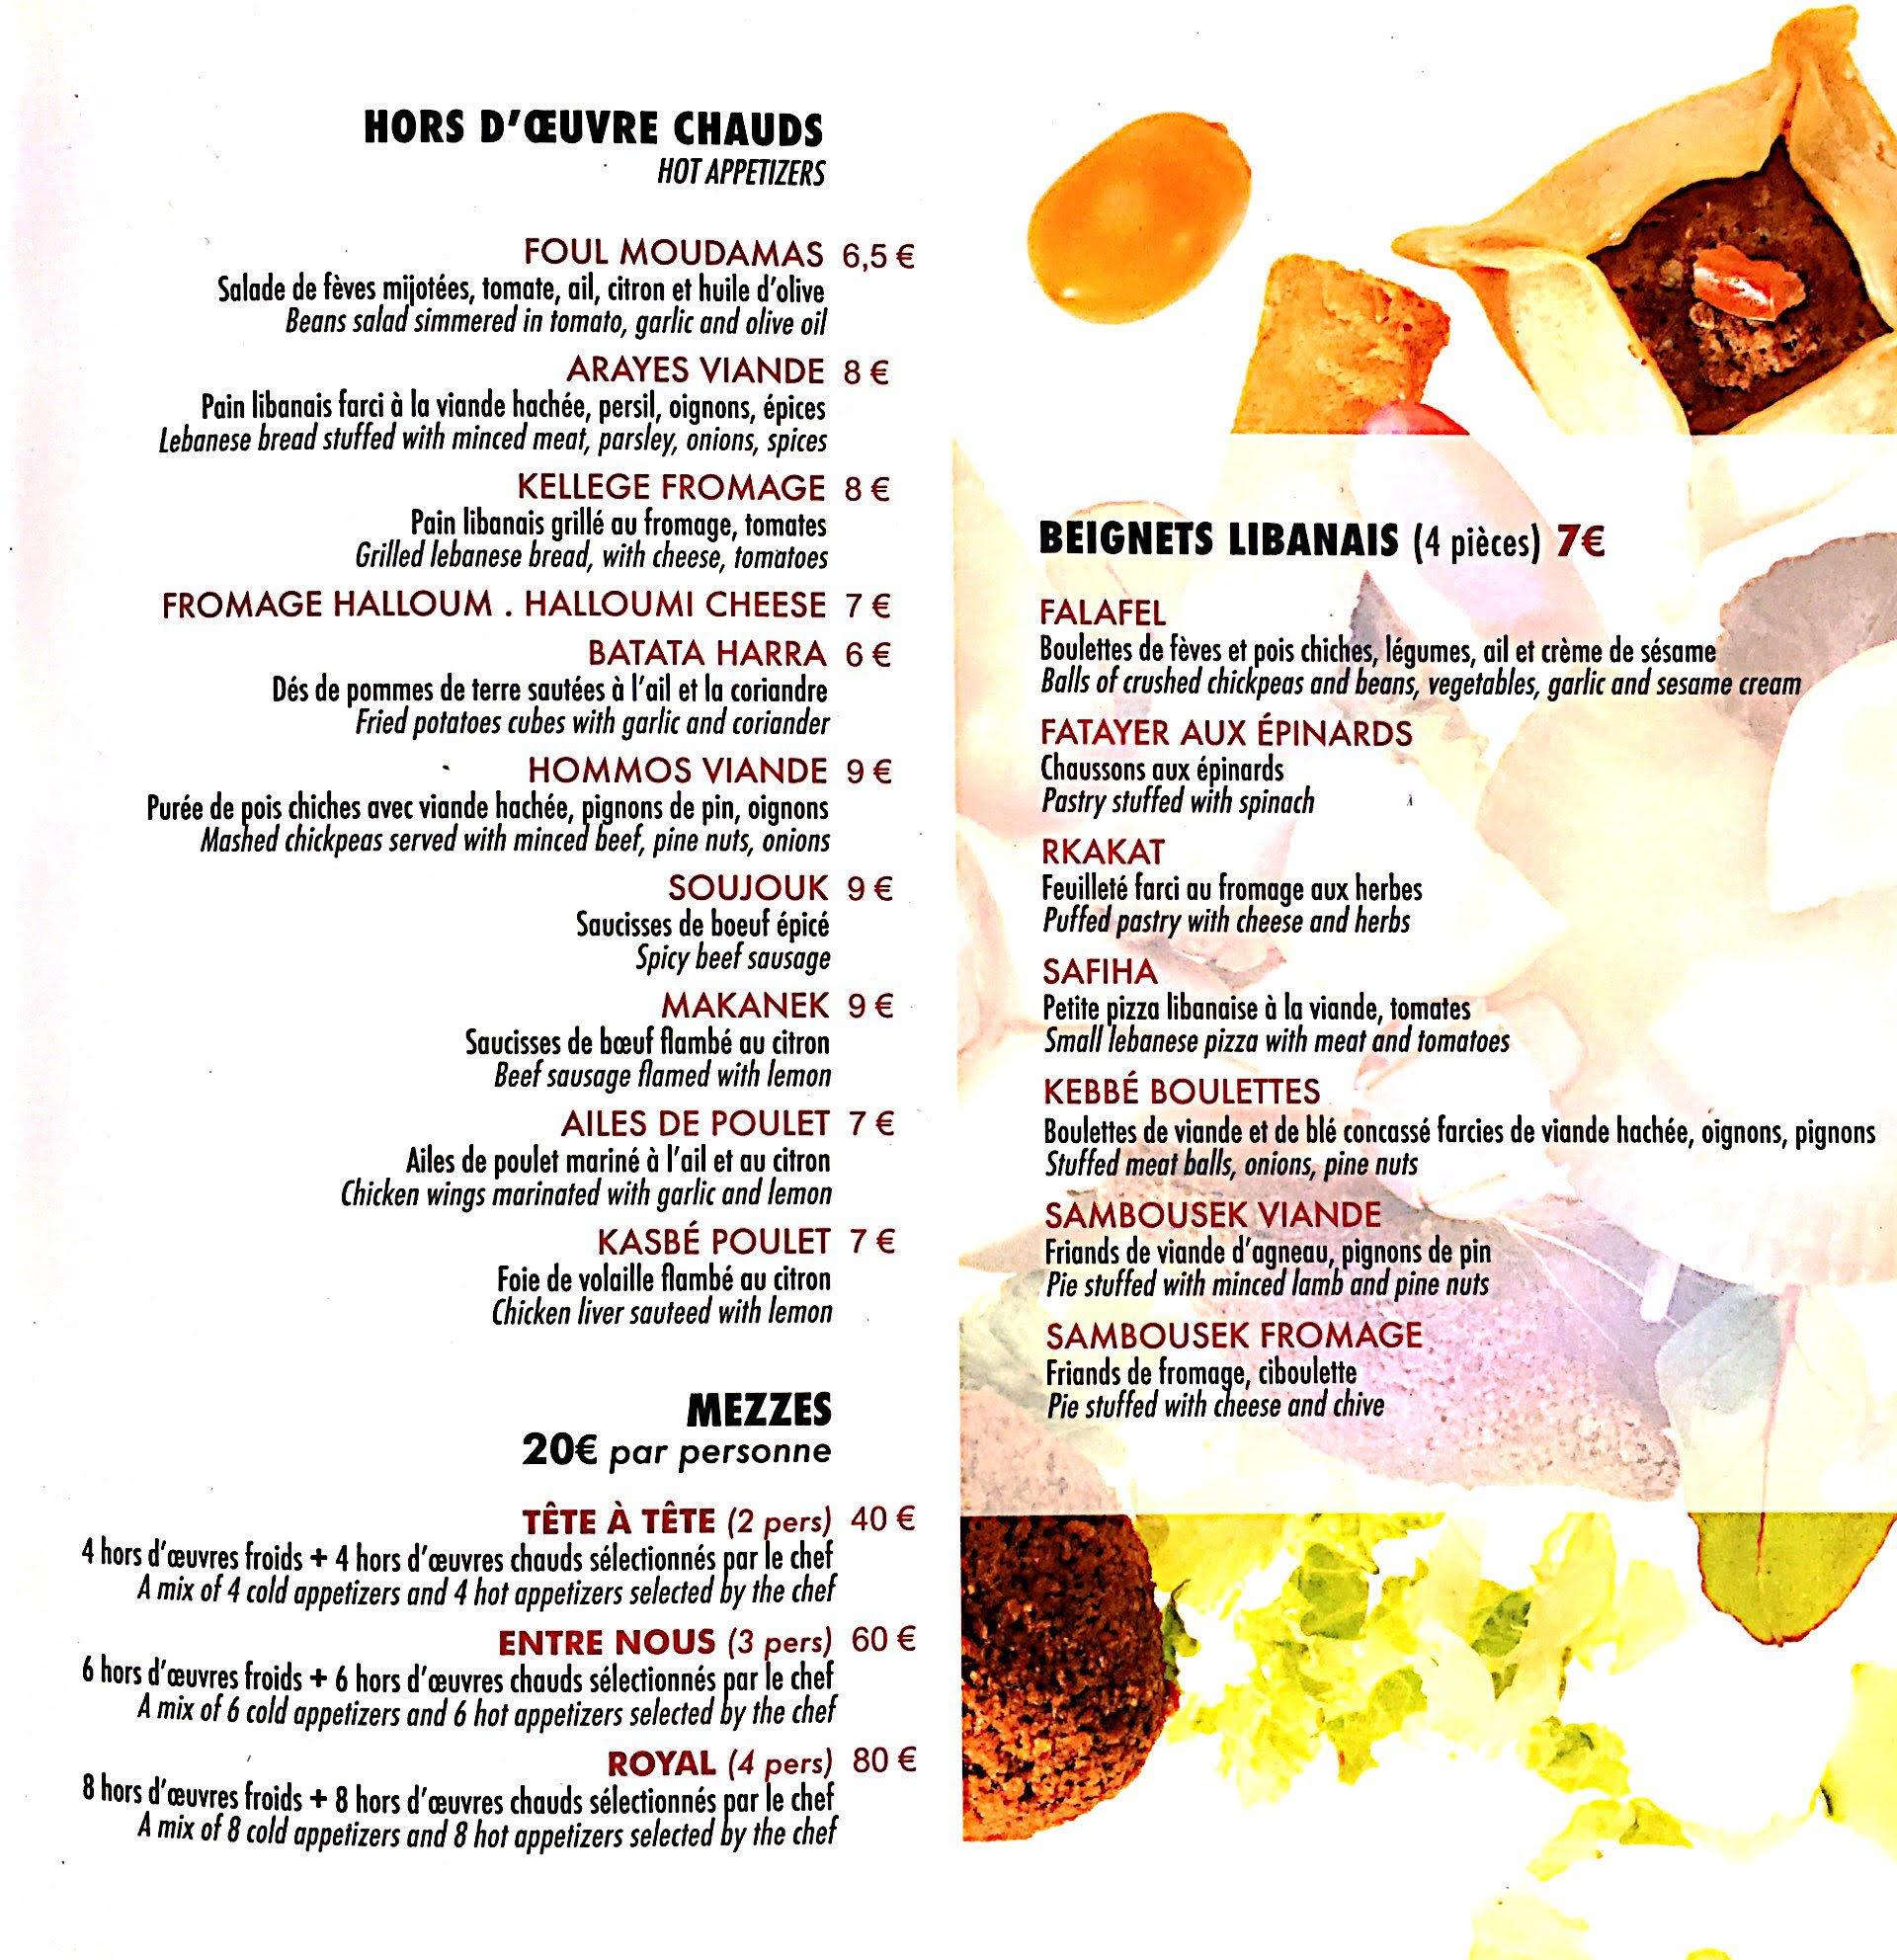 Menu Hors d'oeuvres chaud Le mont liban restaurant paris 17ème